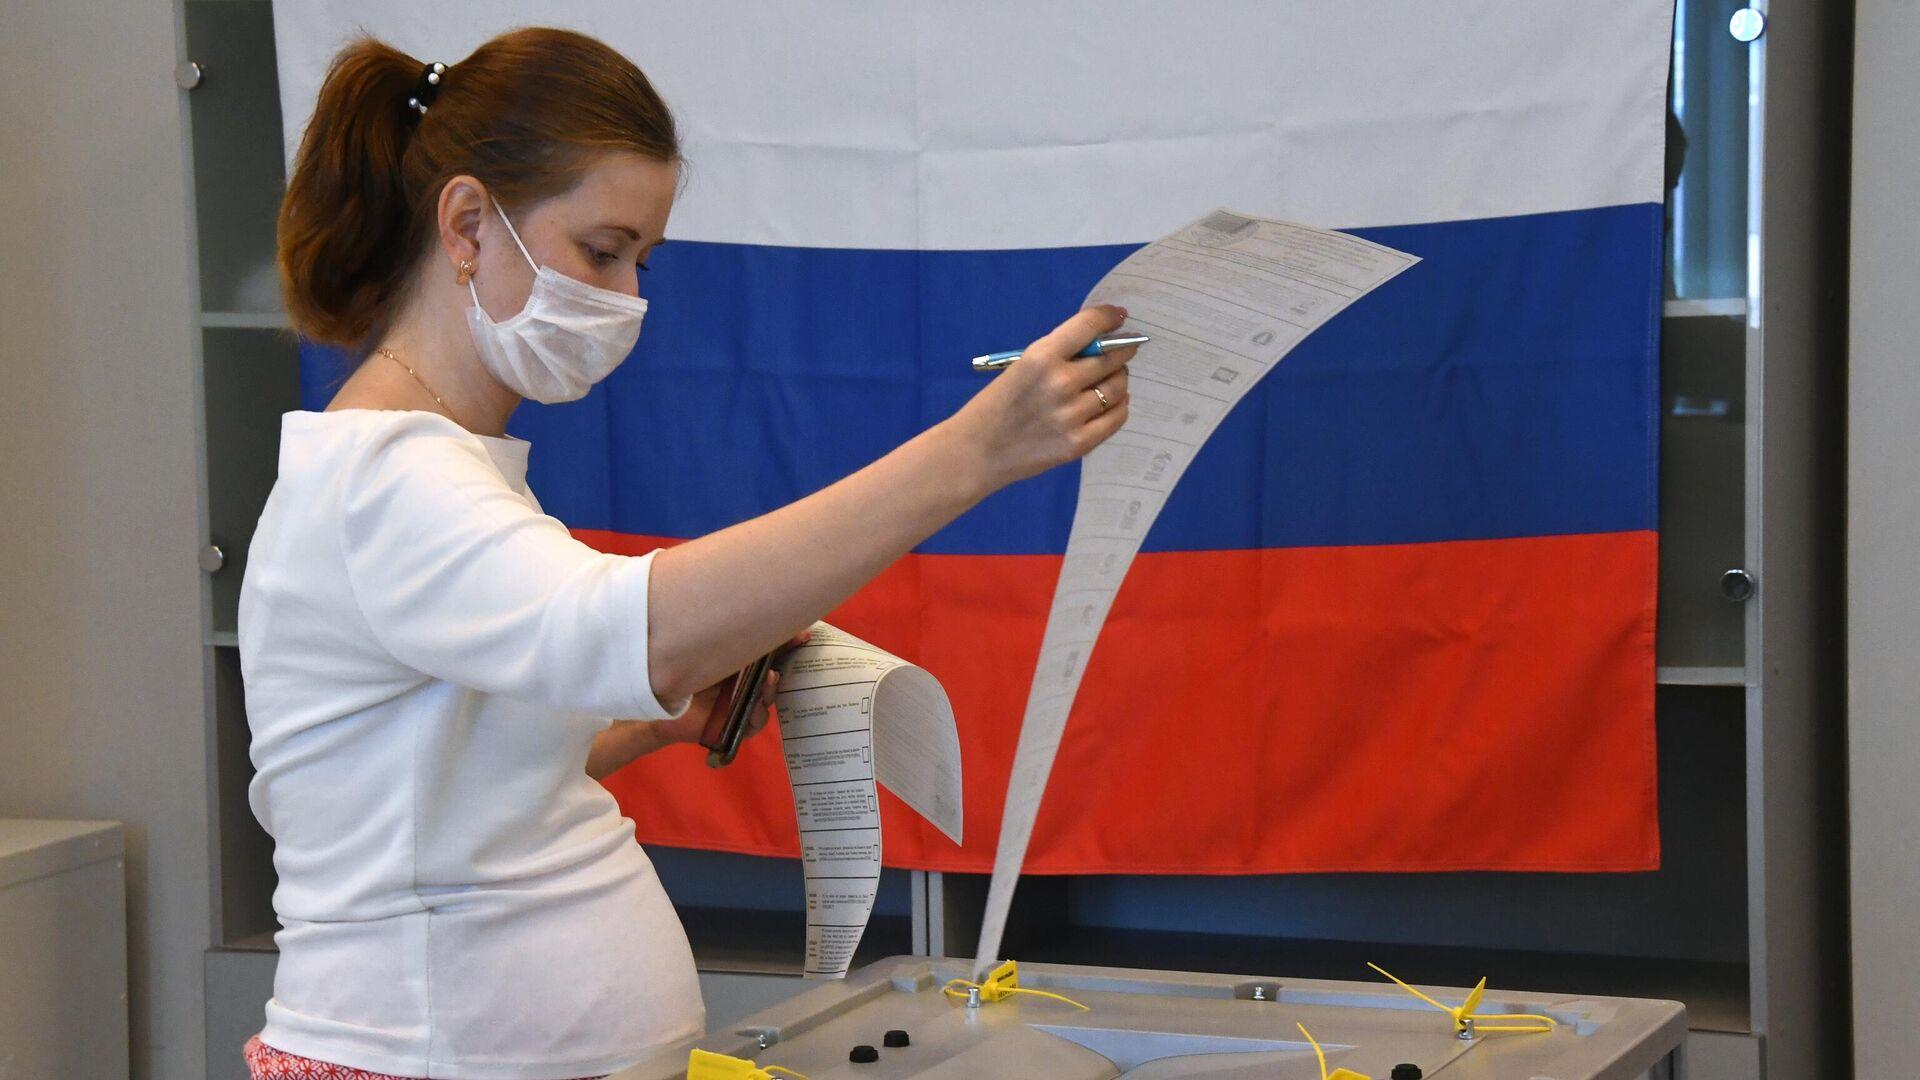 Единый день голосования в  России - РИА Новости, 1920, 19.09.2021